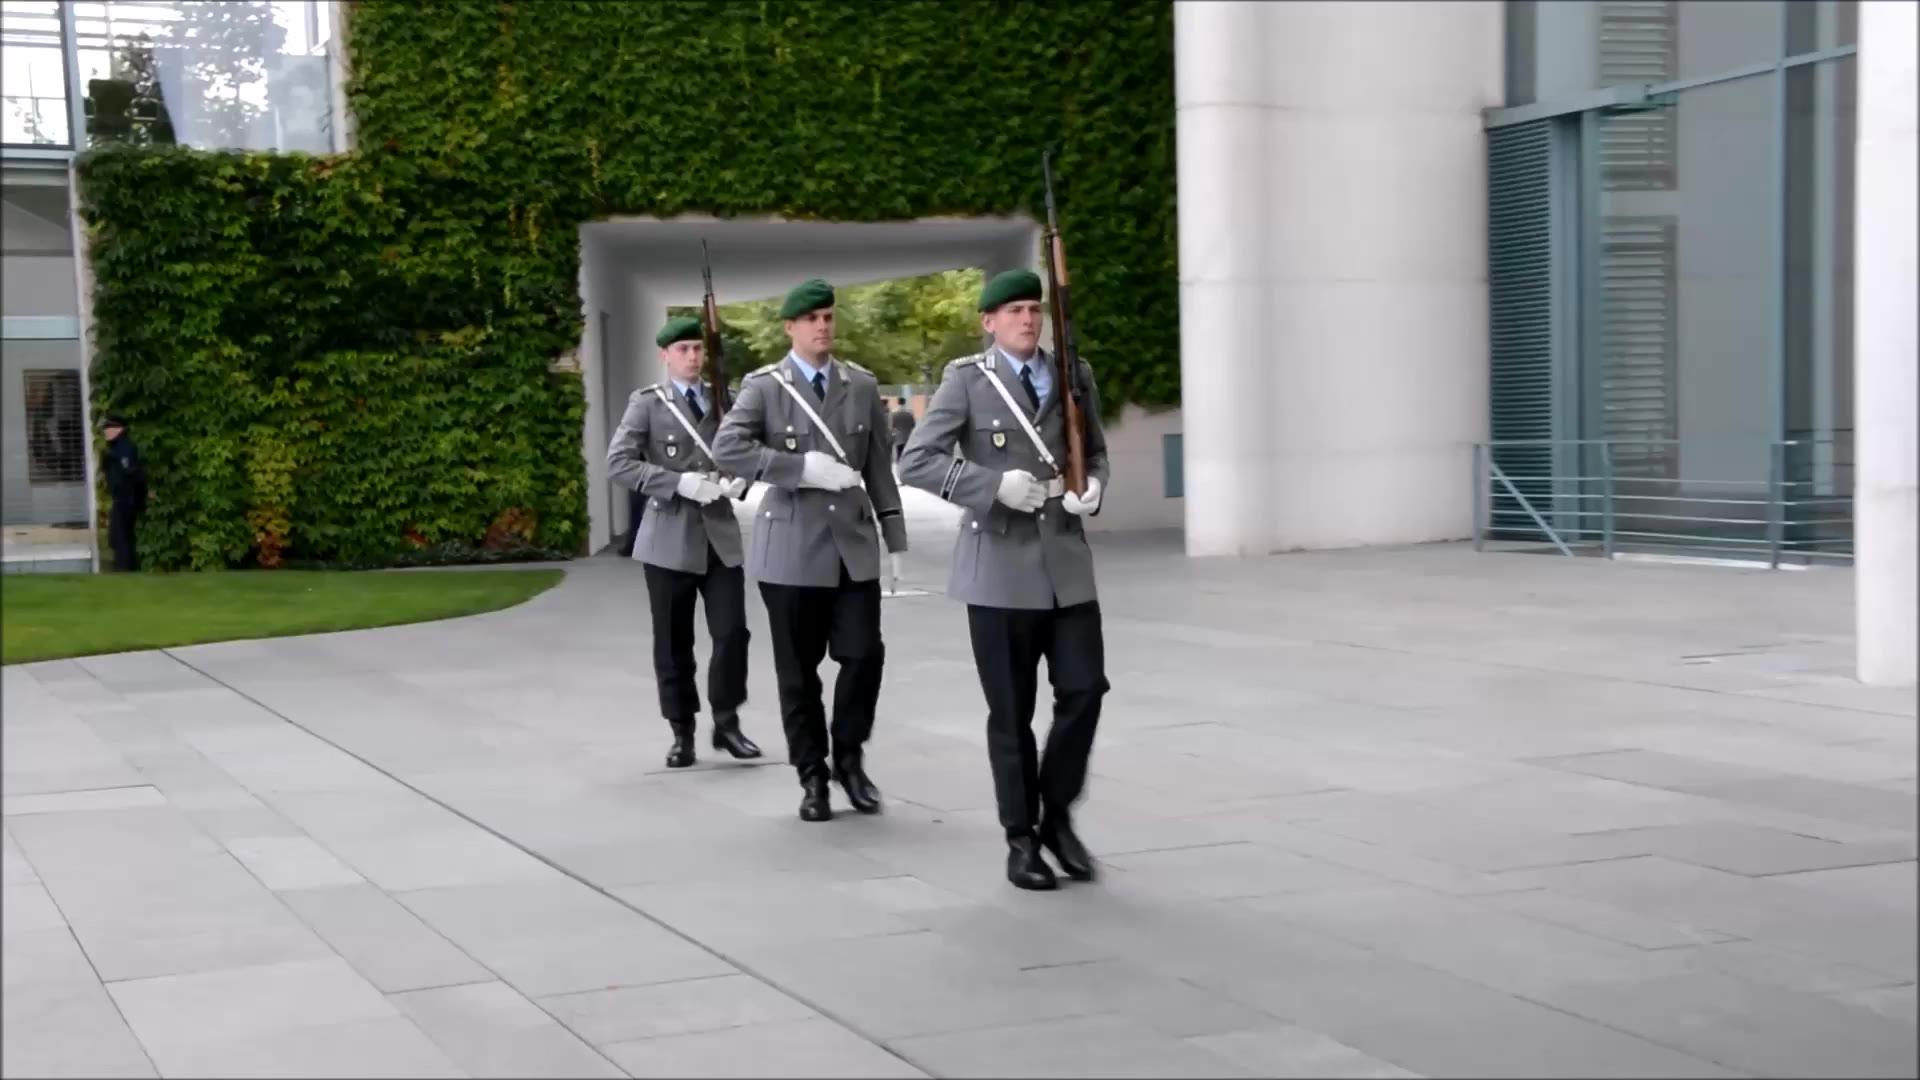 德国为了迎接法国总理,演奏著名乳法歌曲普鲁士荣耀